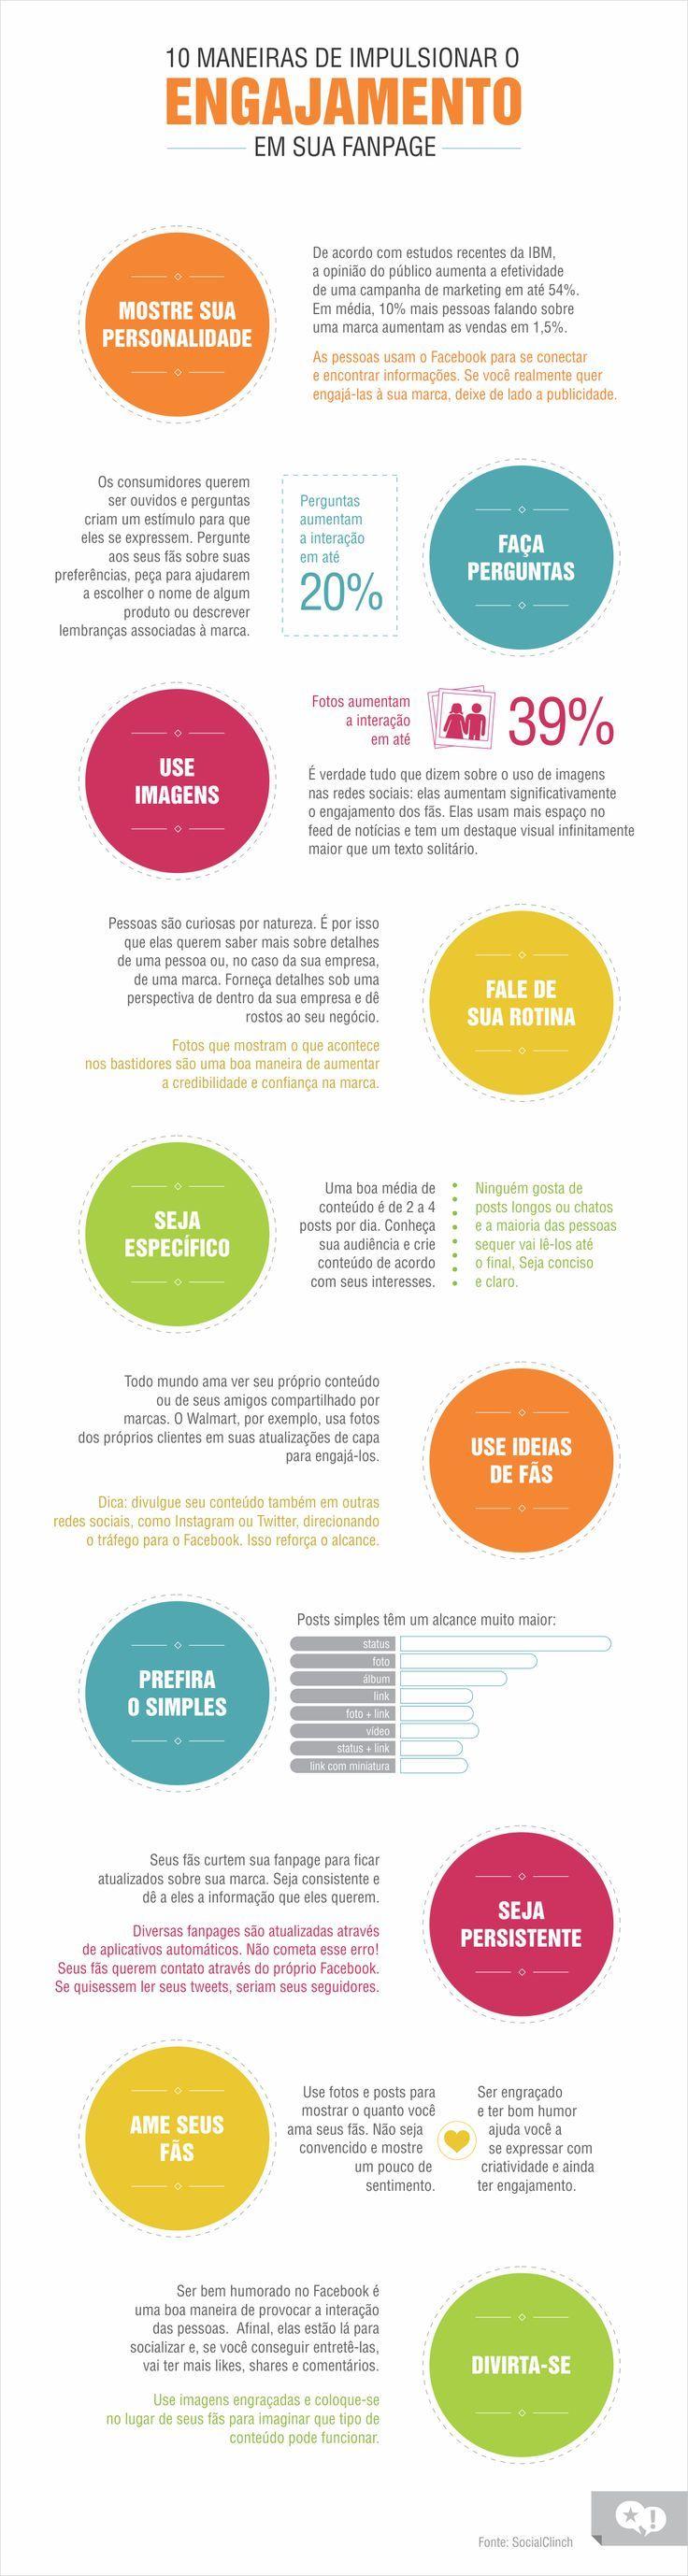 10 dicas para impulsionar engajamento em sua fanpage #Infografico